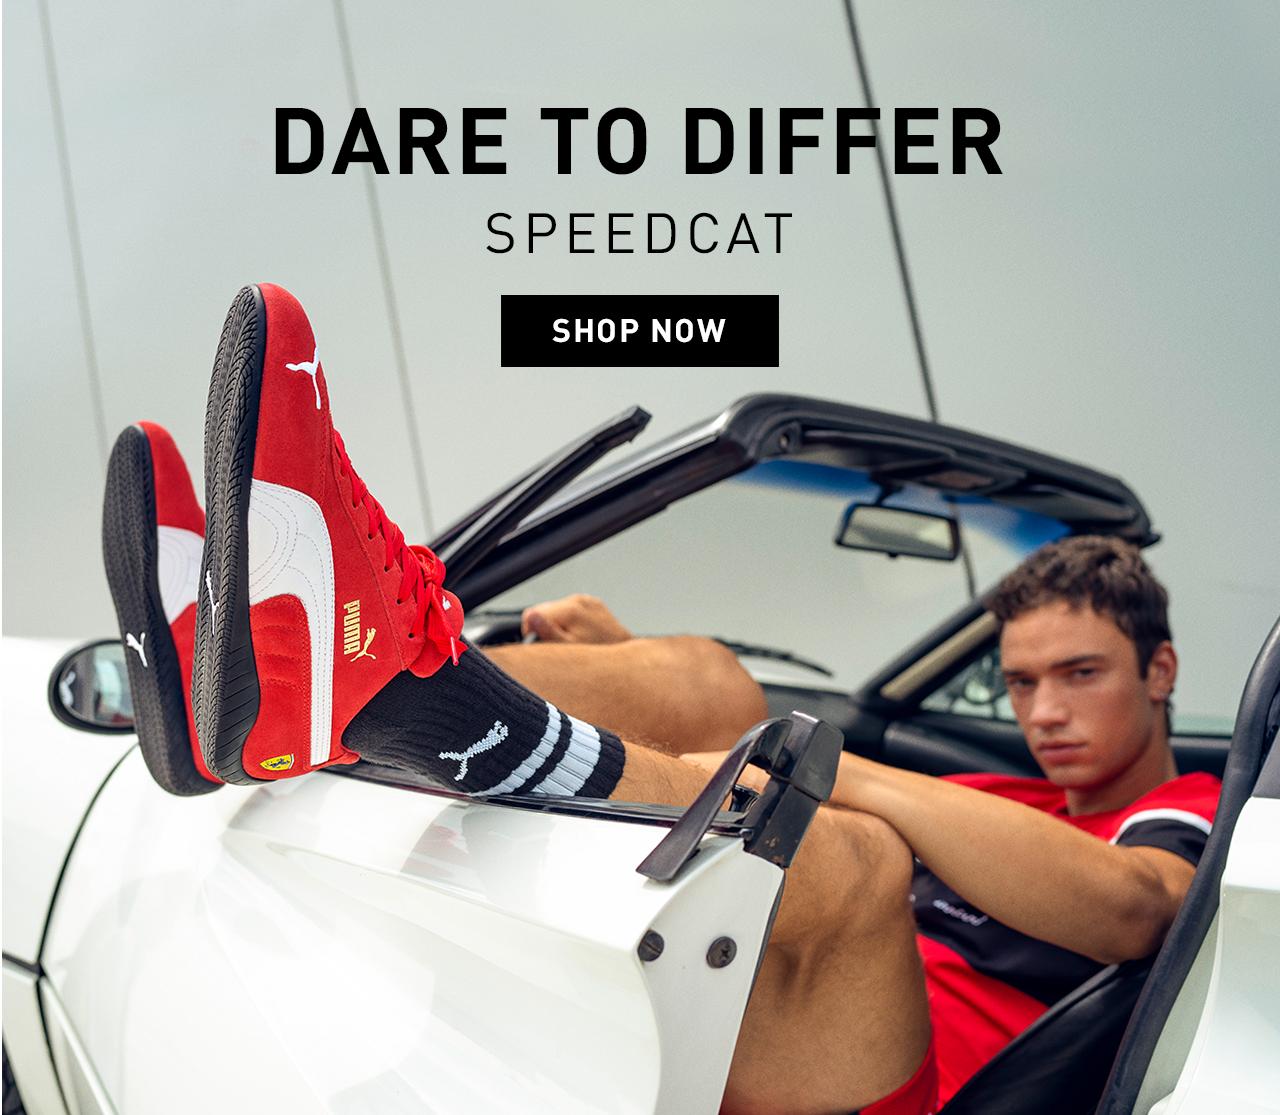 DARE TO DIFFER | SPEEDCAT | SHOP NOW